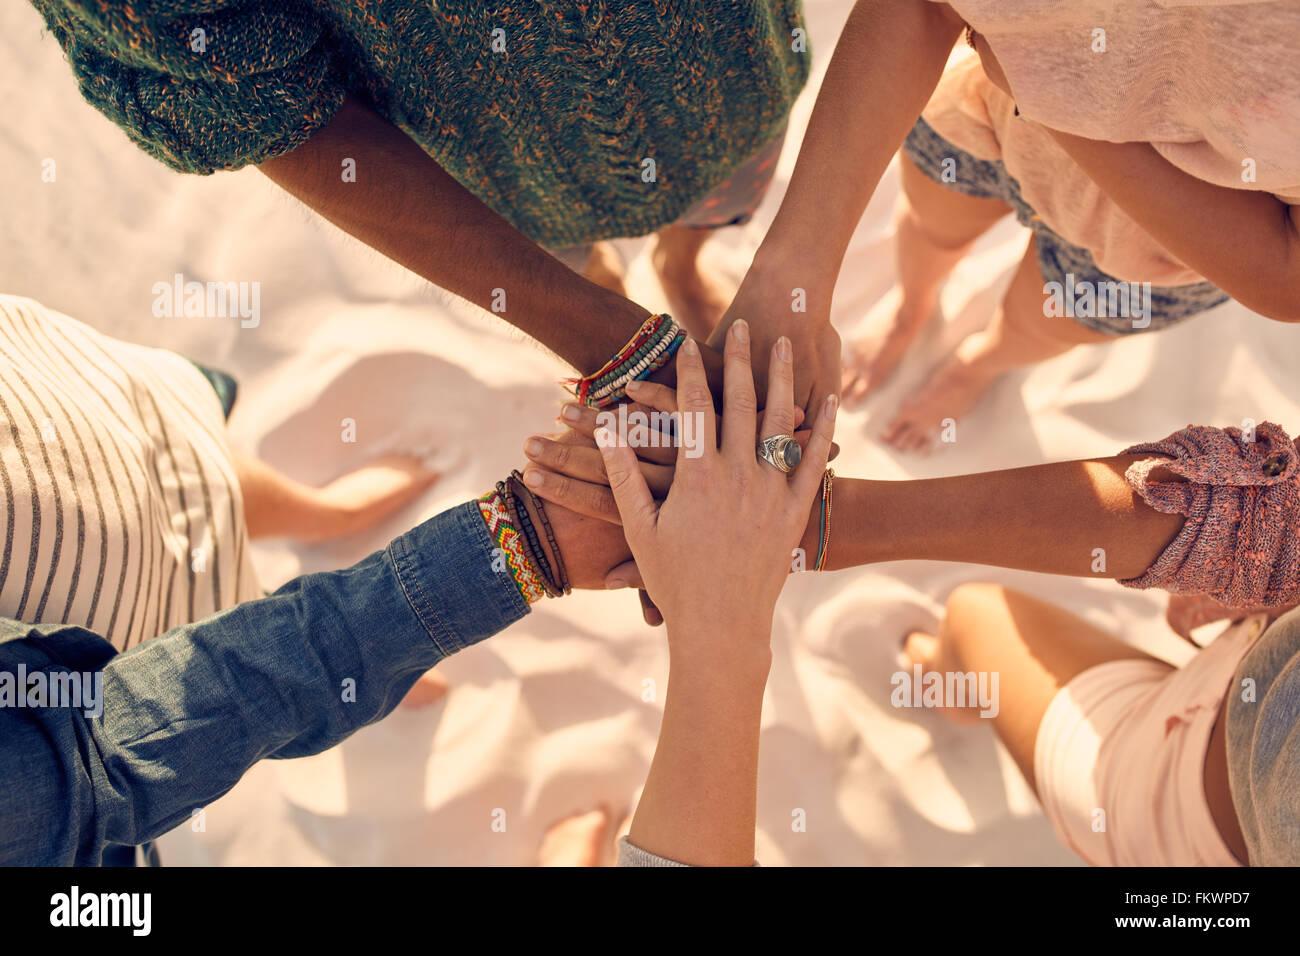 Gruppe von jungen Männern und Frauen zeigen Einheit. Gruppe junger Freunde setzen ihre Hände zusammen Stockbild